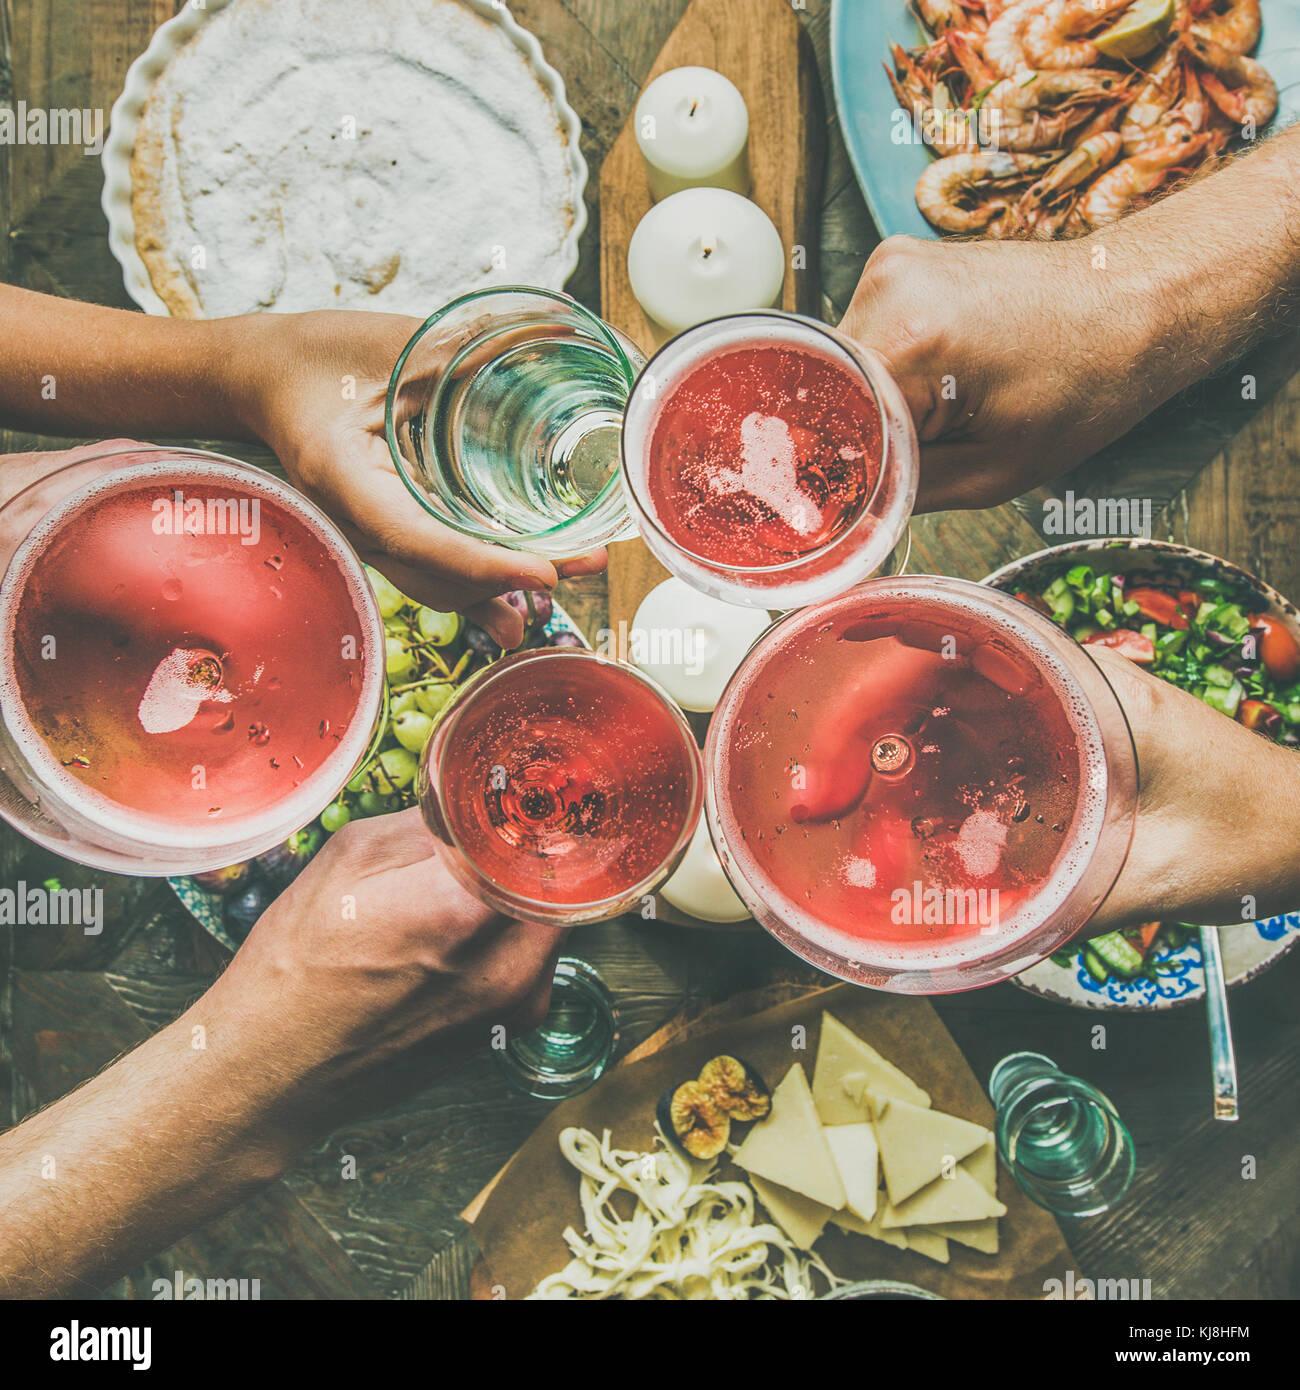 Célébration de la table, avec de la nourriture, des collations récolte carrés Photo Stock